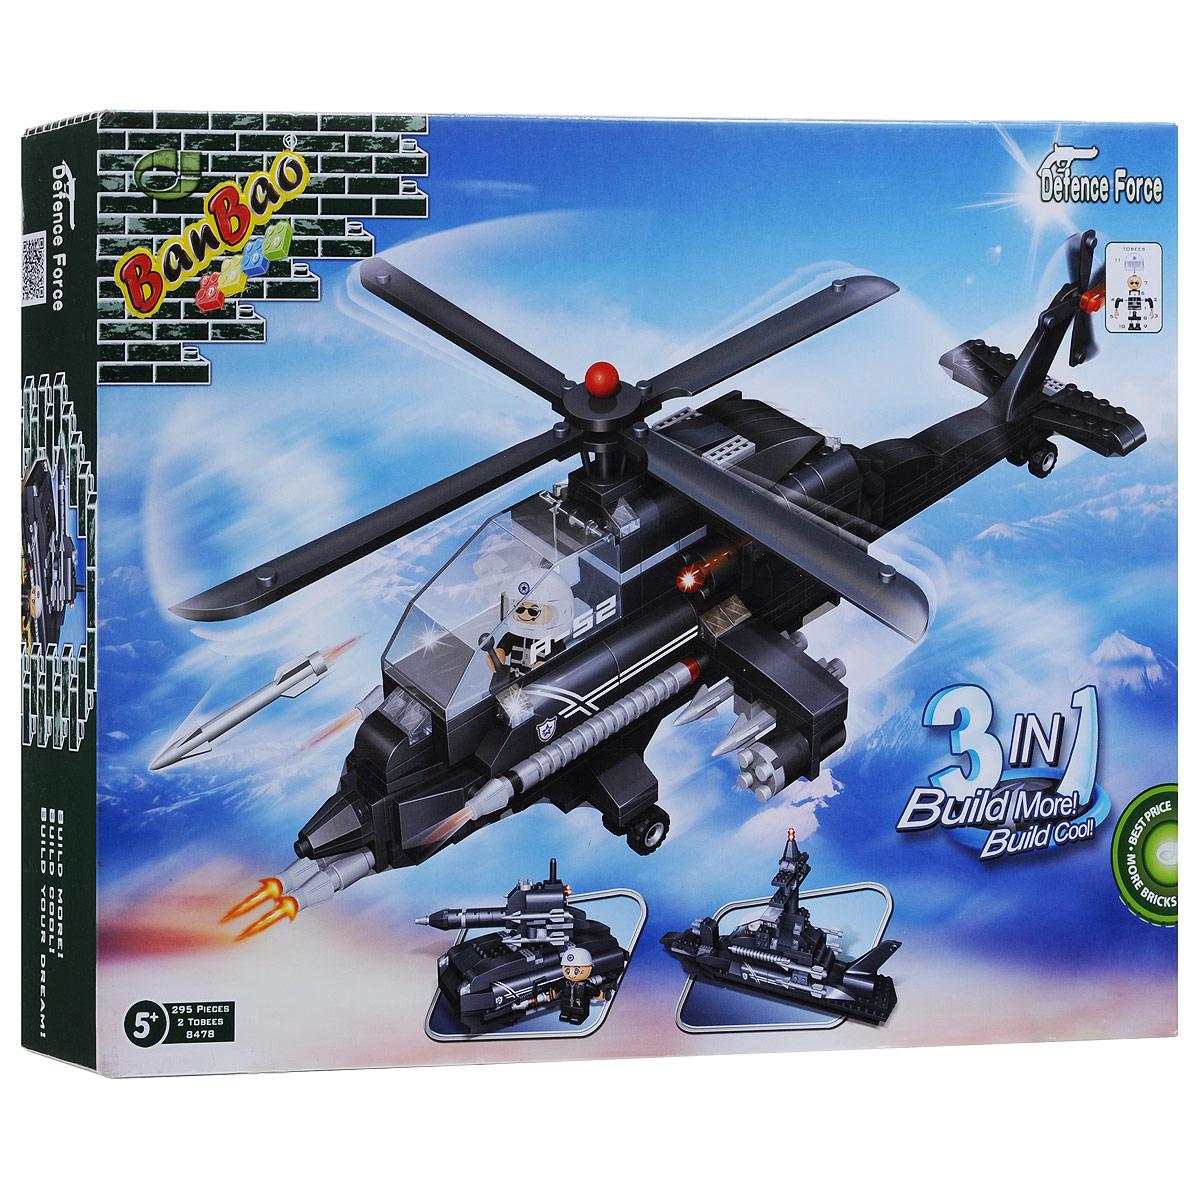 BanBao Конструктор Вертолет танк корабль banbao пластиковый конструктор пожарный вертолет 191 деталь